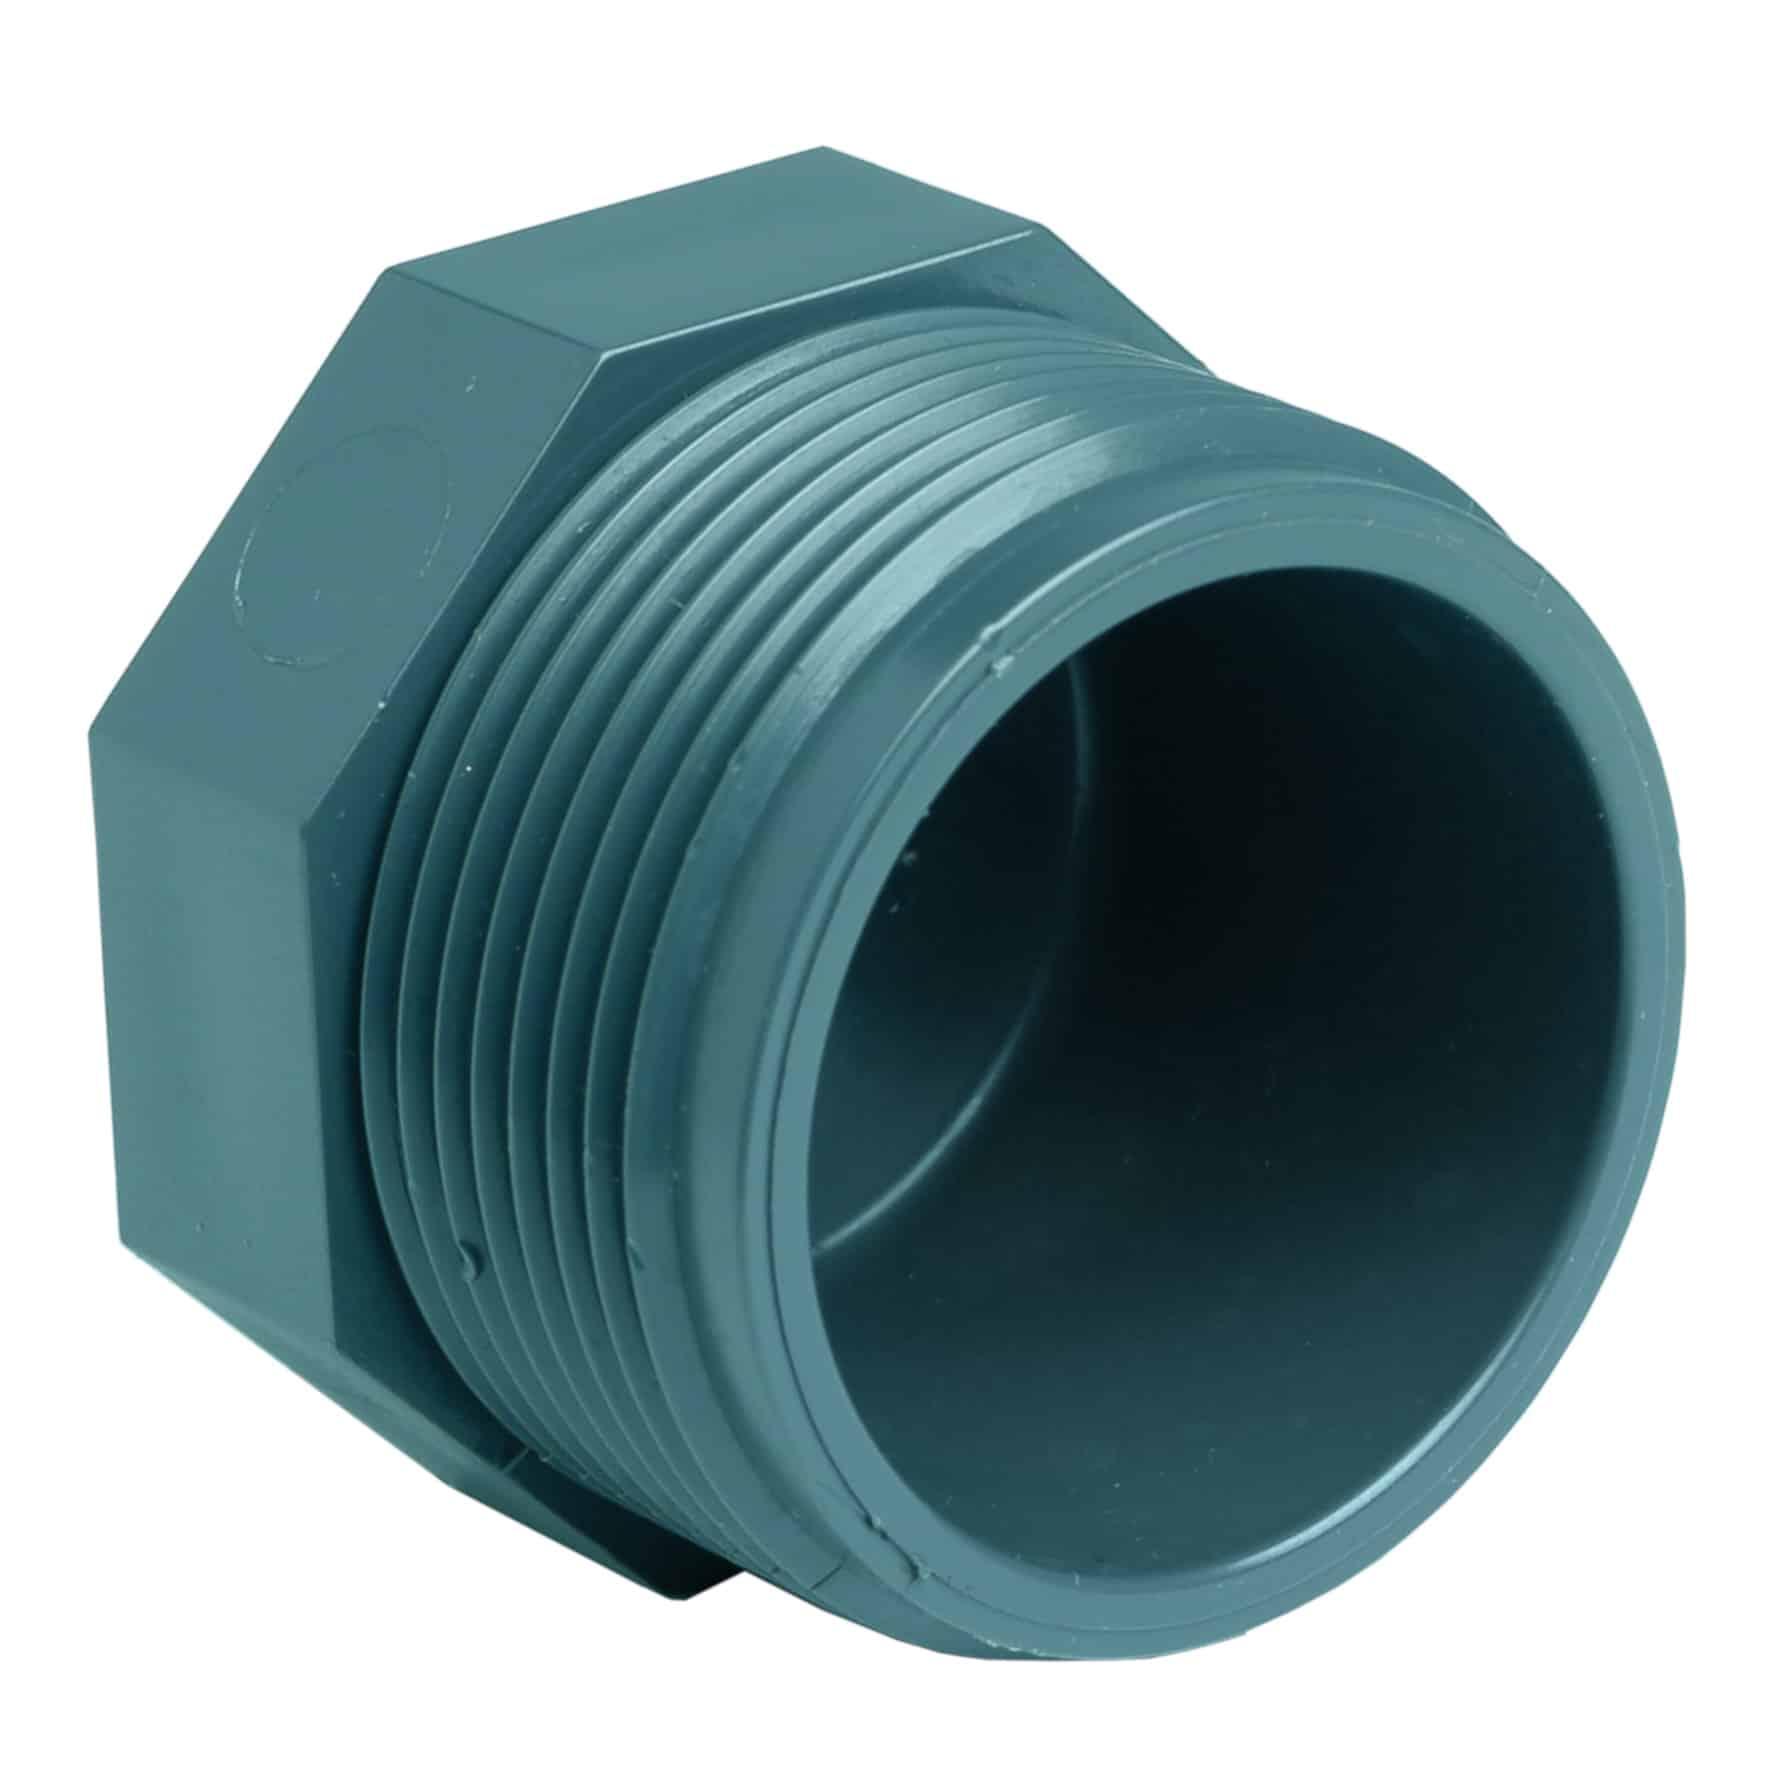 PVC-U plug - EFFAST - 100% Made in Italy